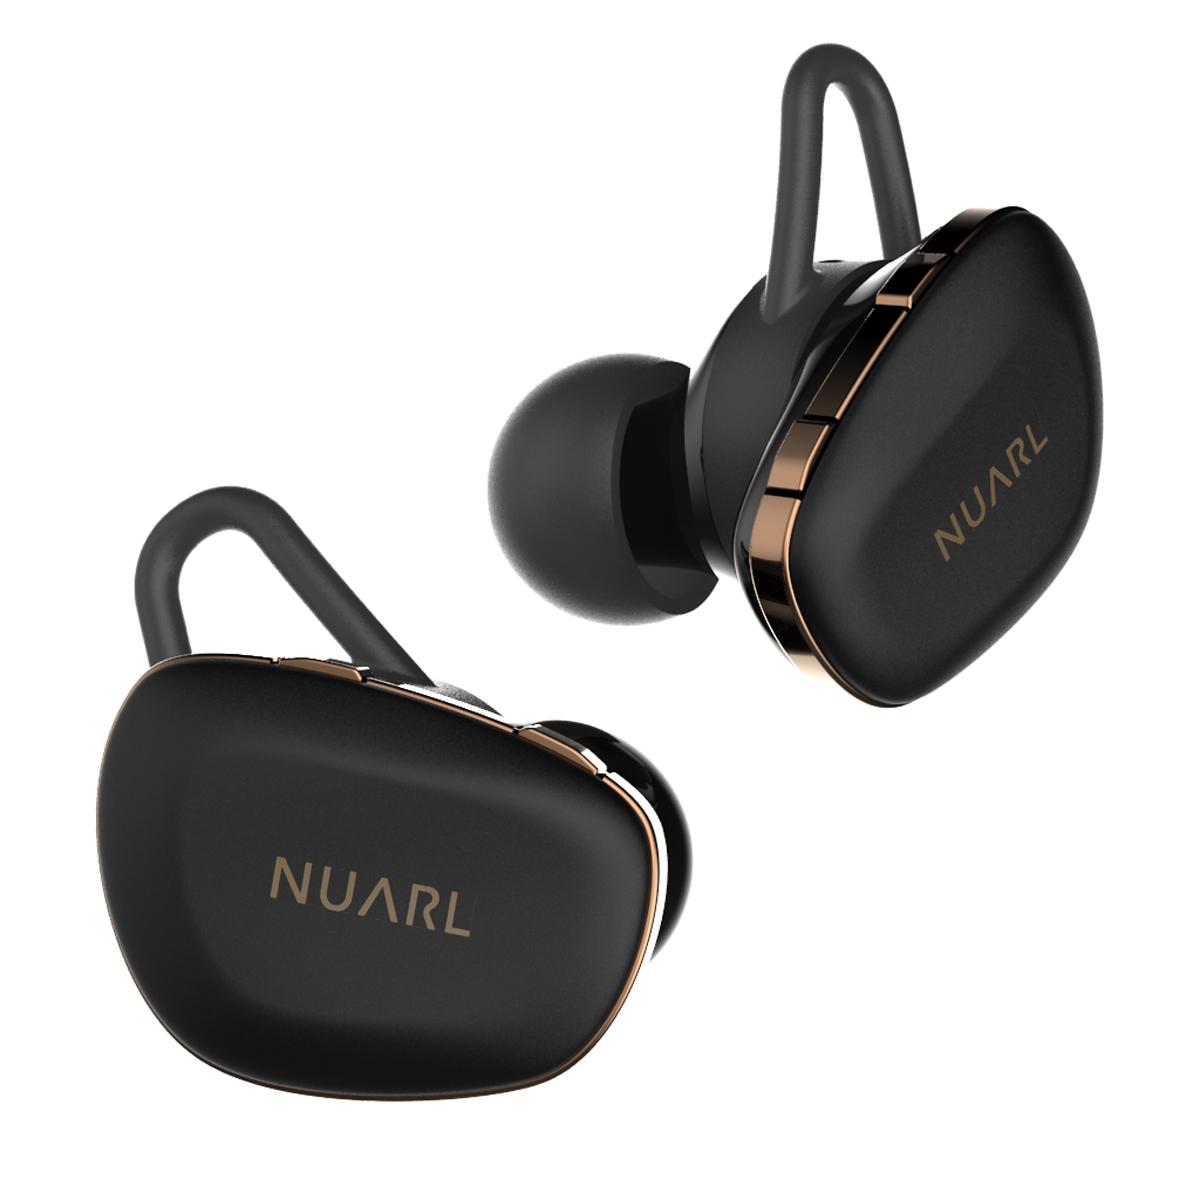 NUARLの新世代完全ワイヤレスイヤホン「N6」シリーズは音質重視派なら要チェックな1台[PR]